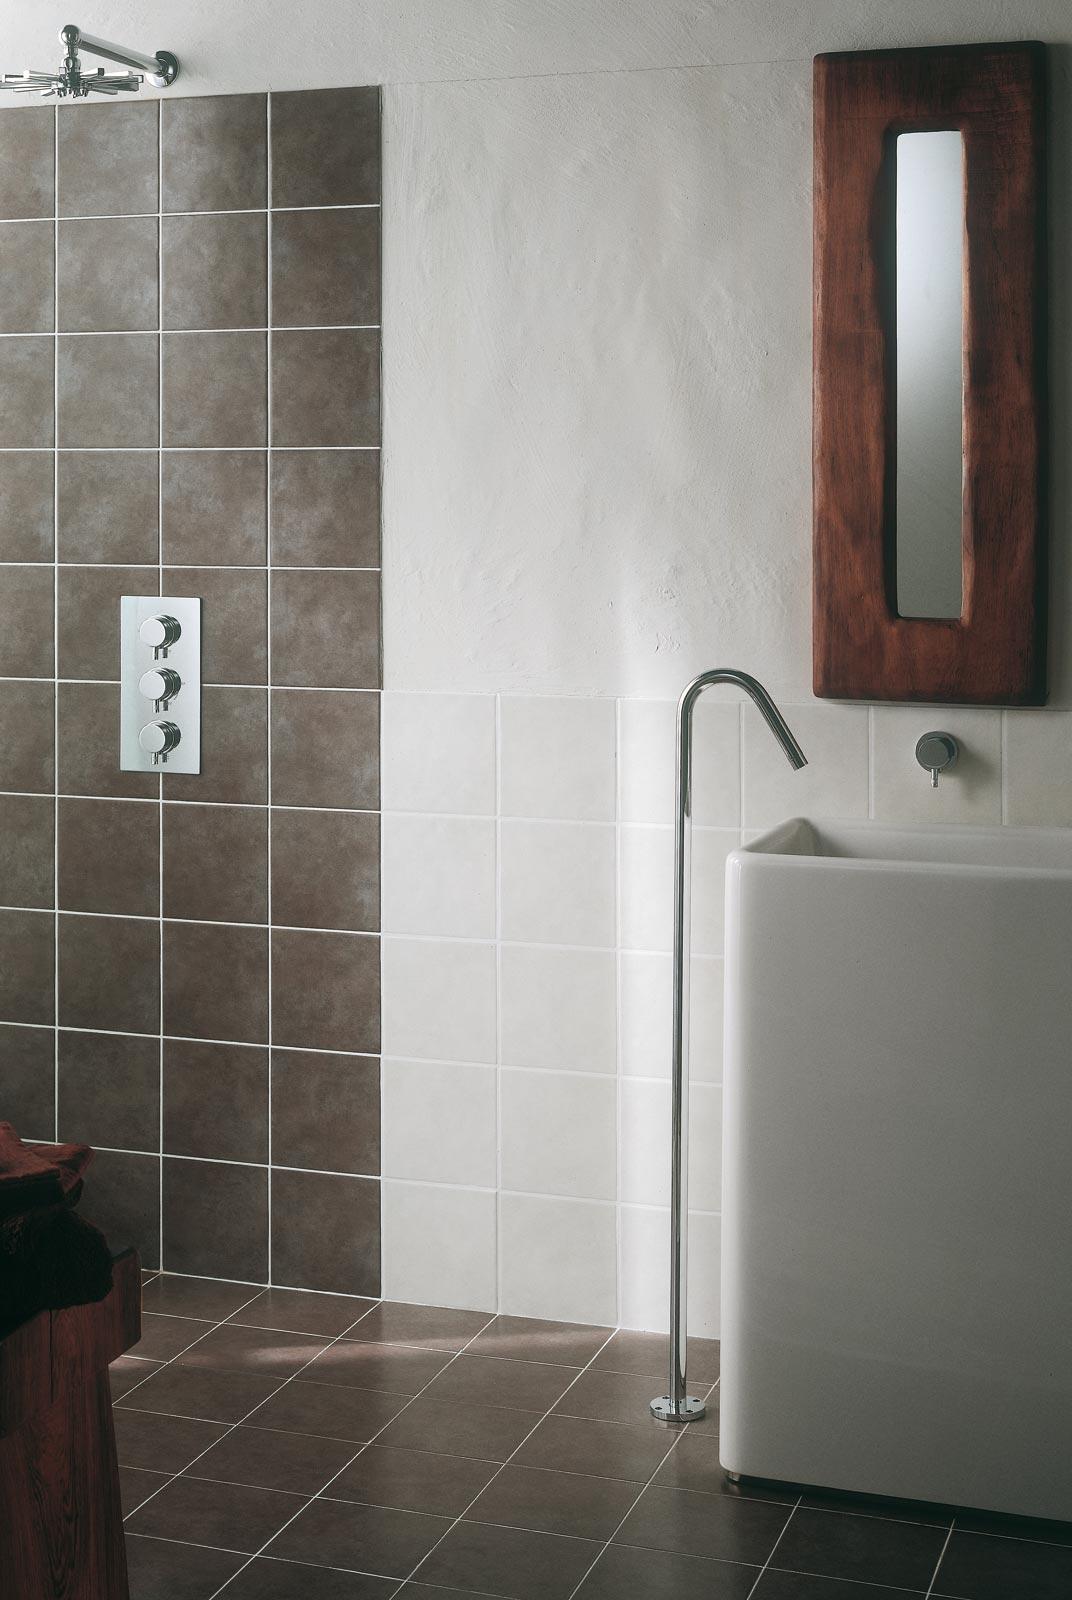 Minimal piastrelle in ceramica per ambienti bagno ragno - Piastrelle 10x10 bagno ...